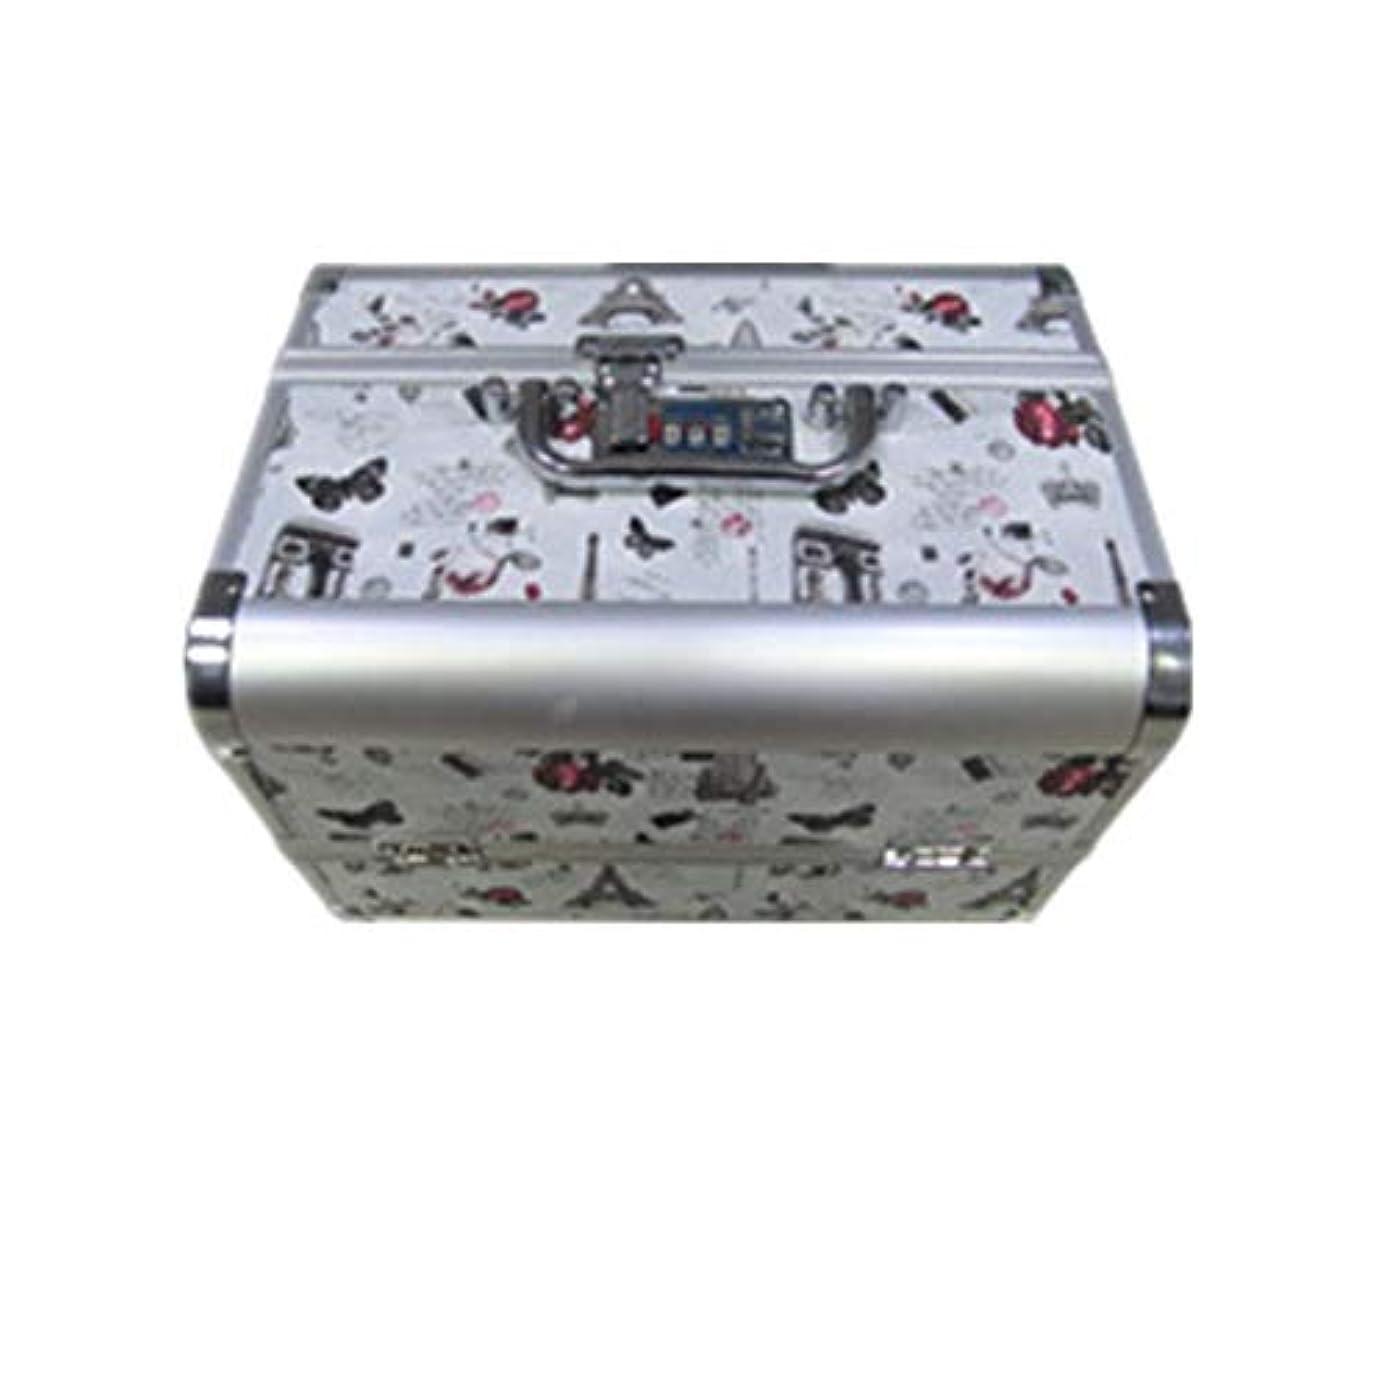 価値自体委員長化粧オーガナイザーバッグ 大容量ポータブル化粧ケース(トラベルアクセサリー用)シャンプーボディウォッシュパーソナルアイテム収納トレイ(エクステンショントレイ付) 化粧品ケース